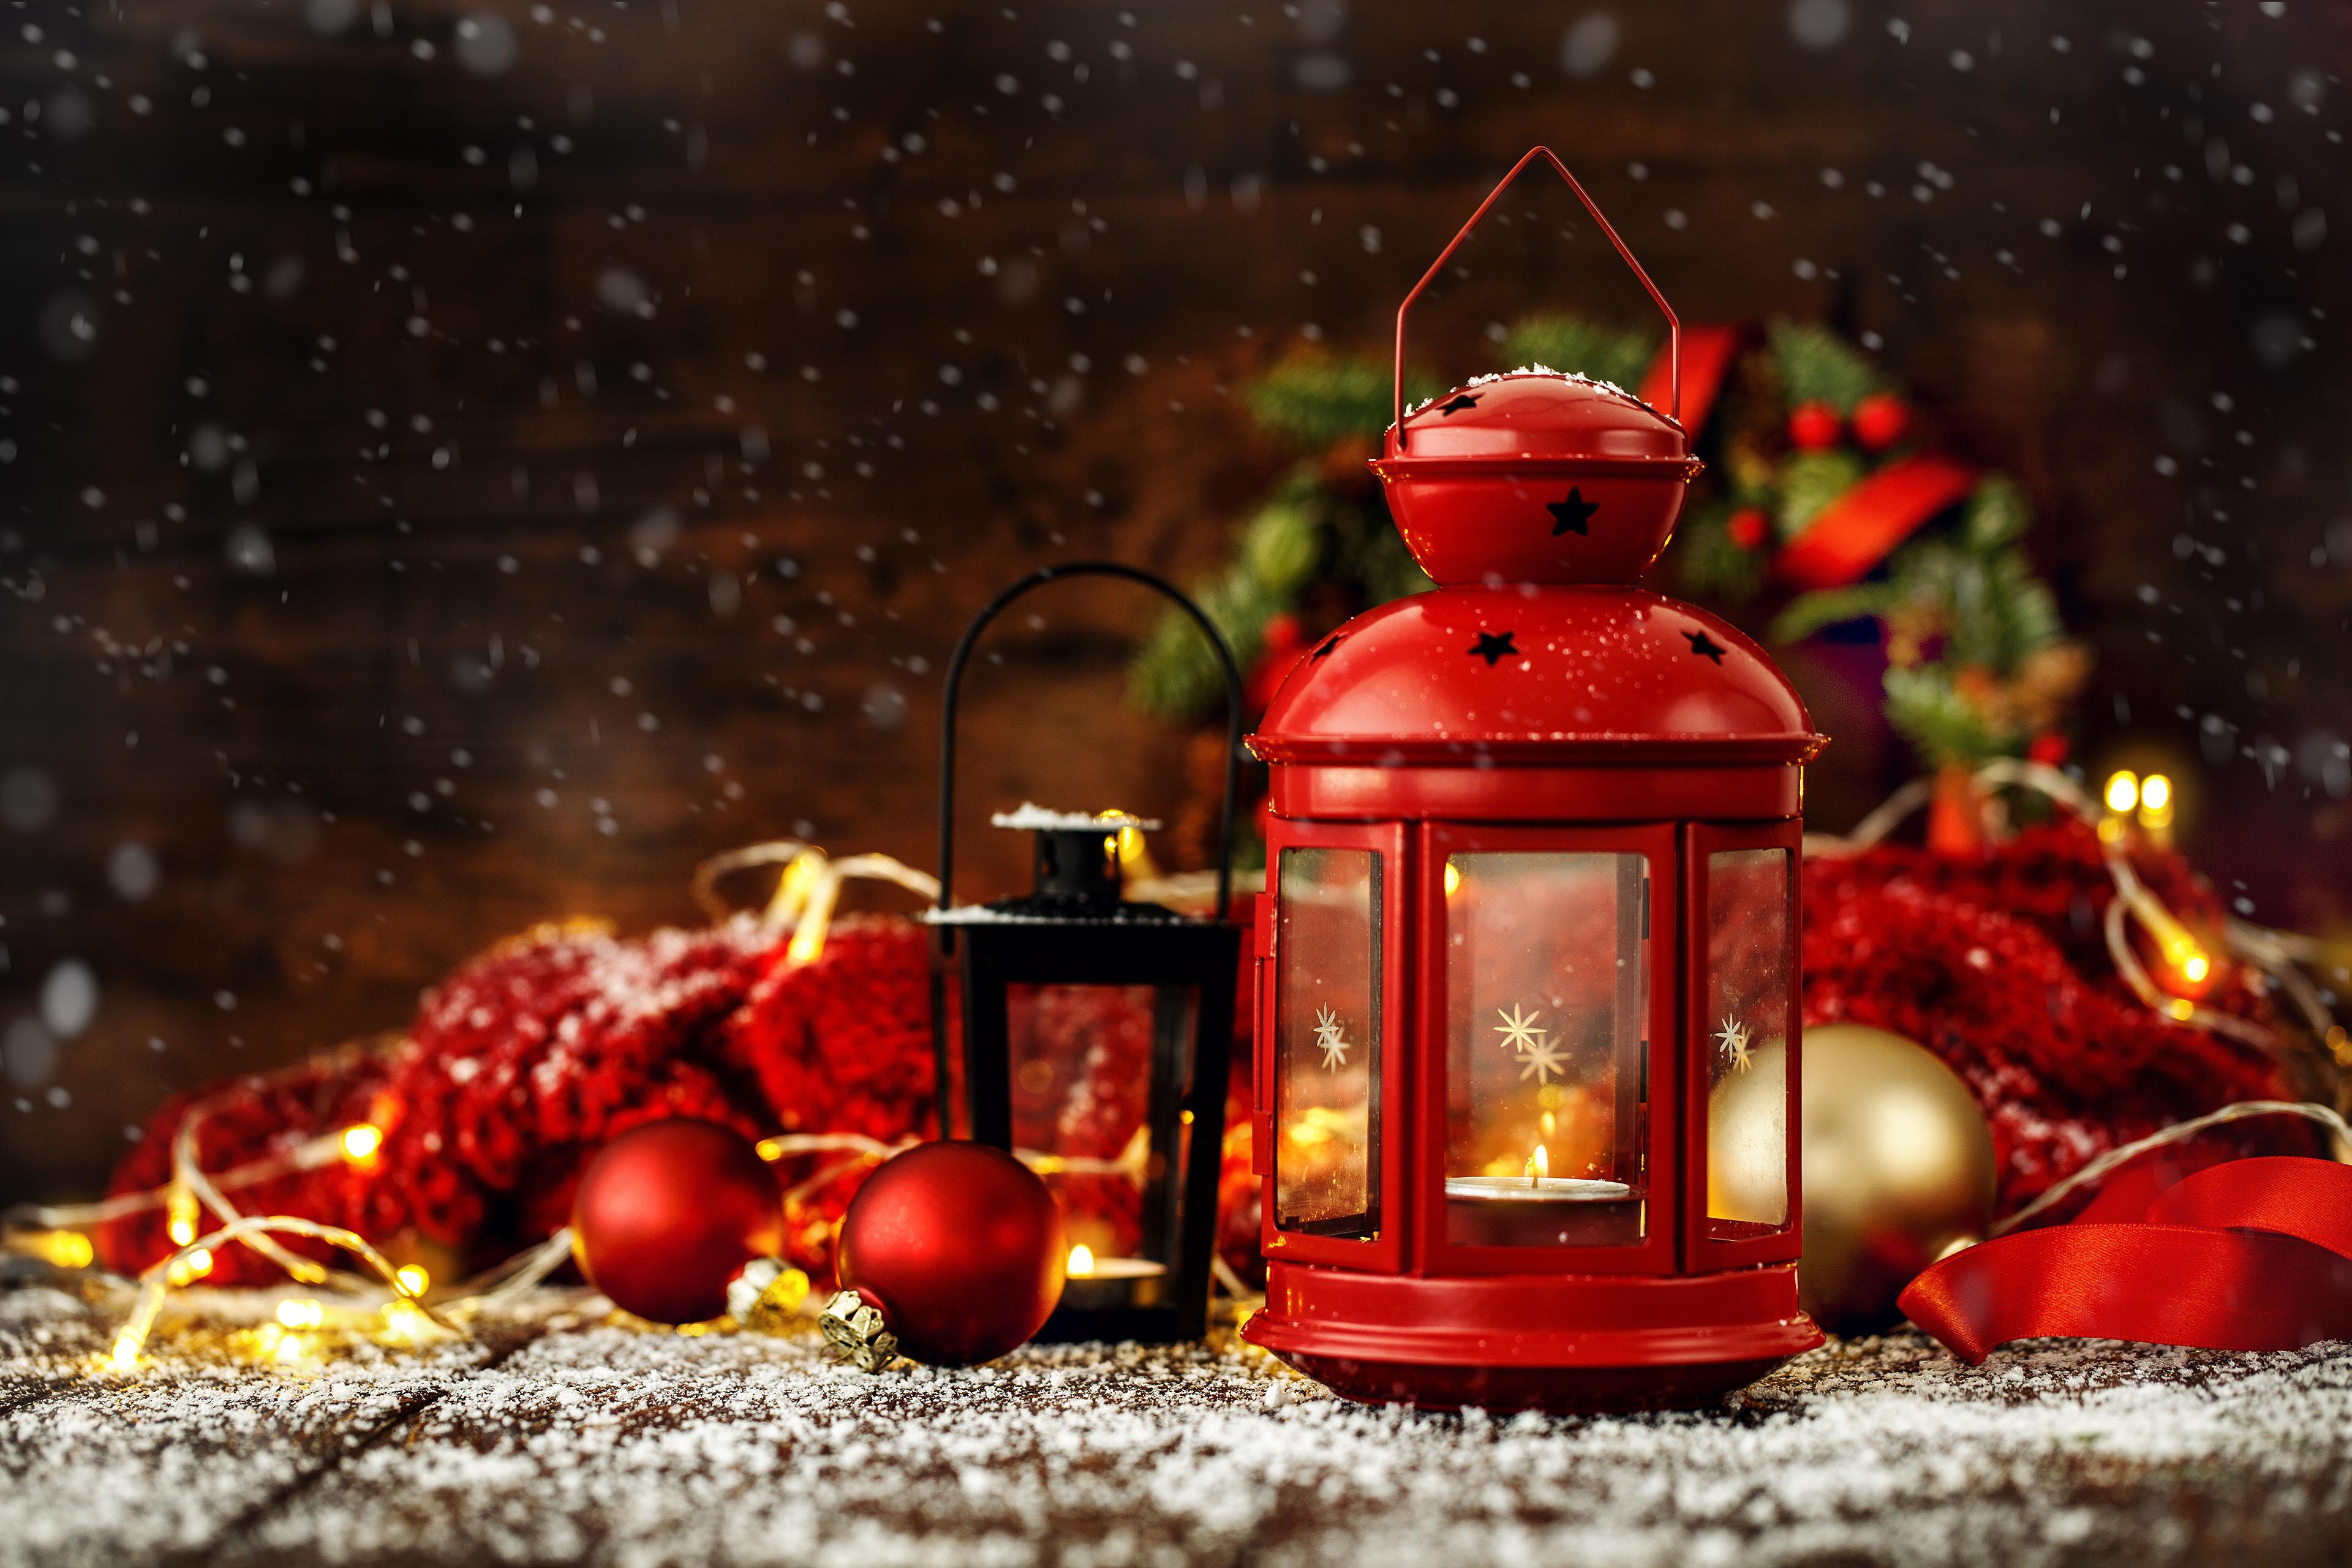 HDoboi.Kiev.ua - Новогодний декор, красный фонарь и игрушки, 4k uhd